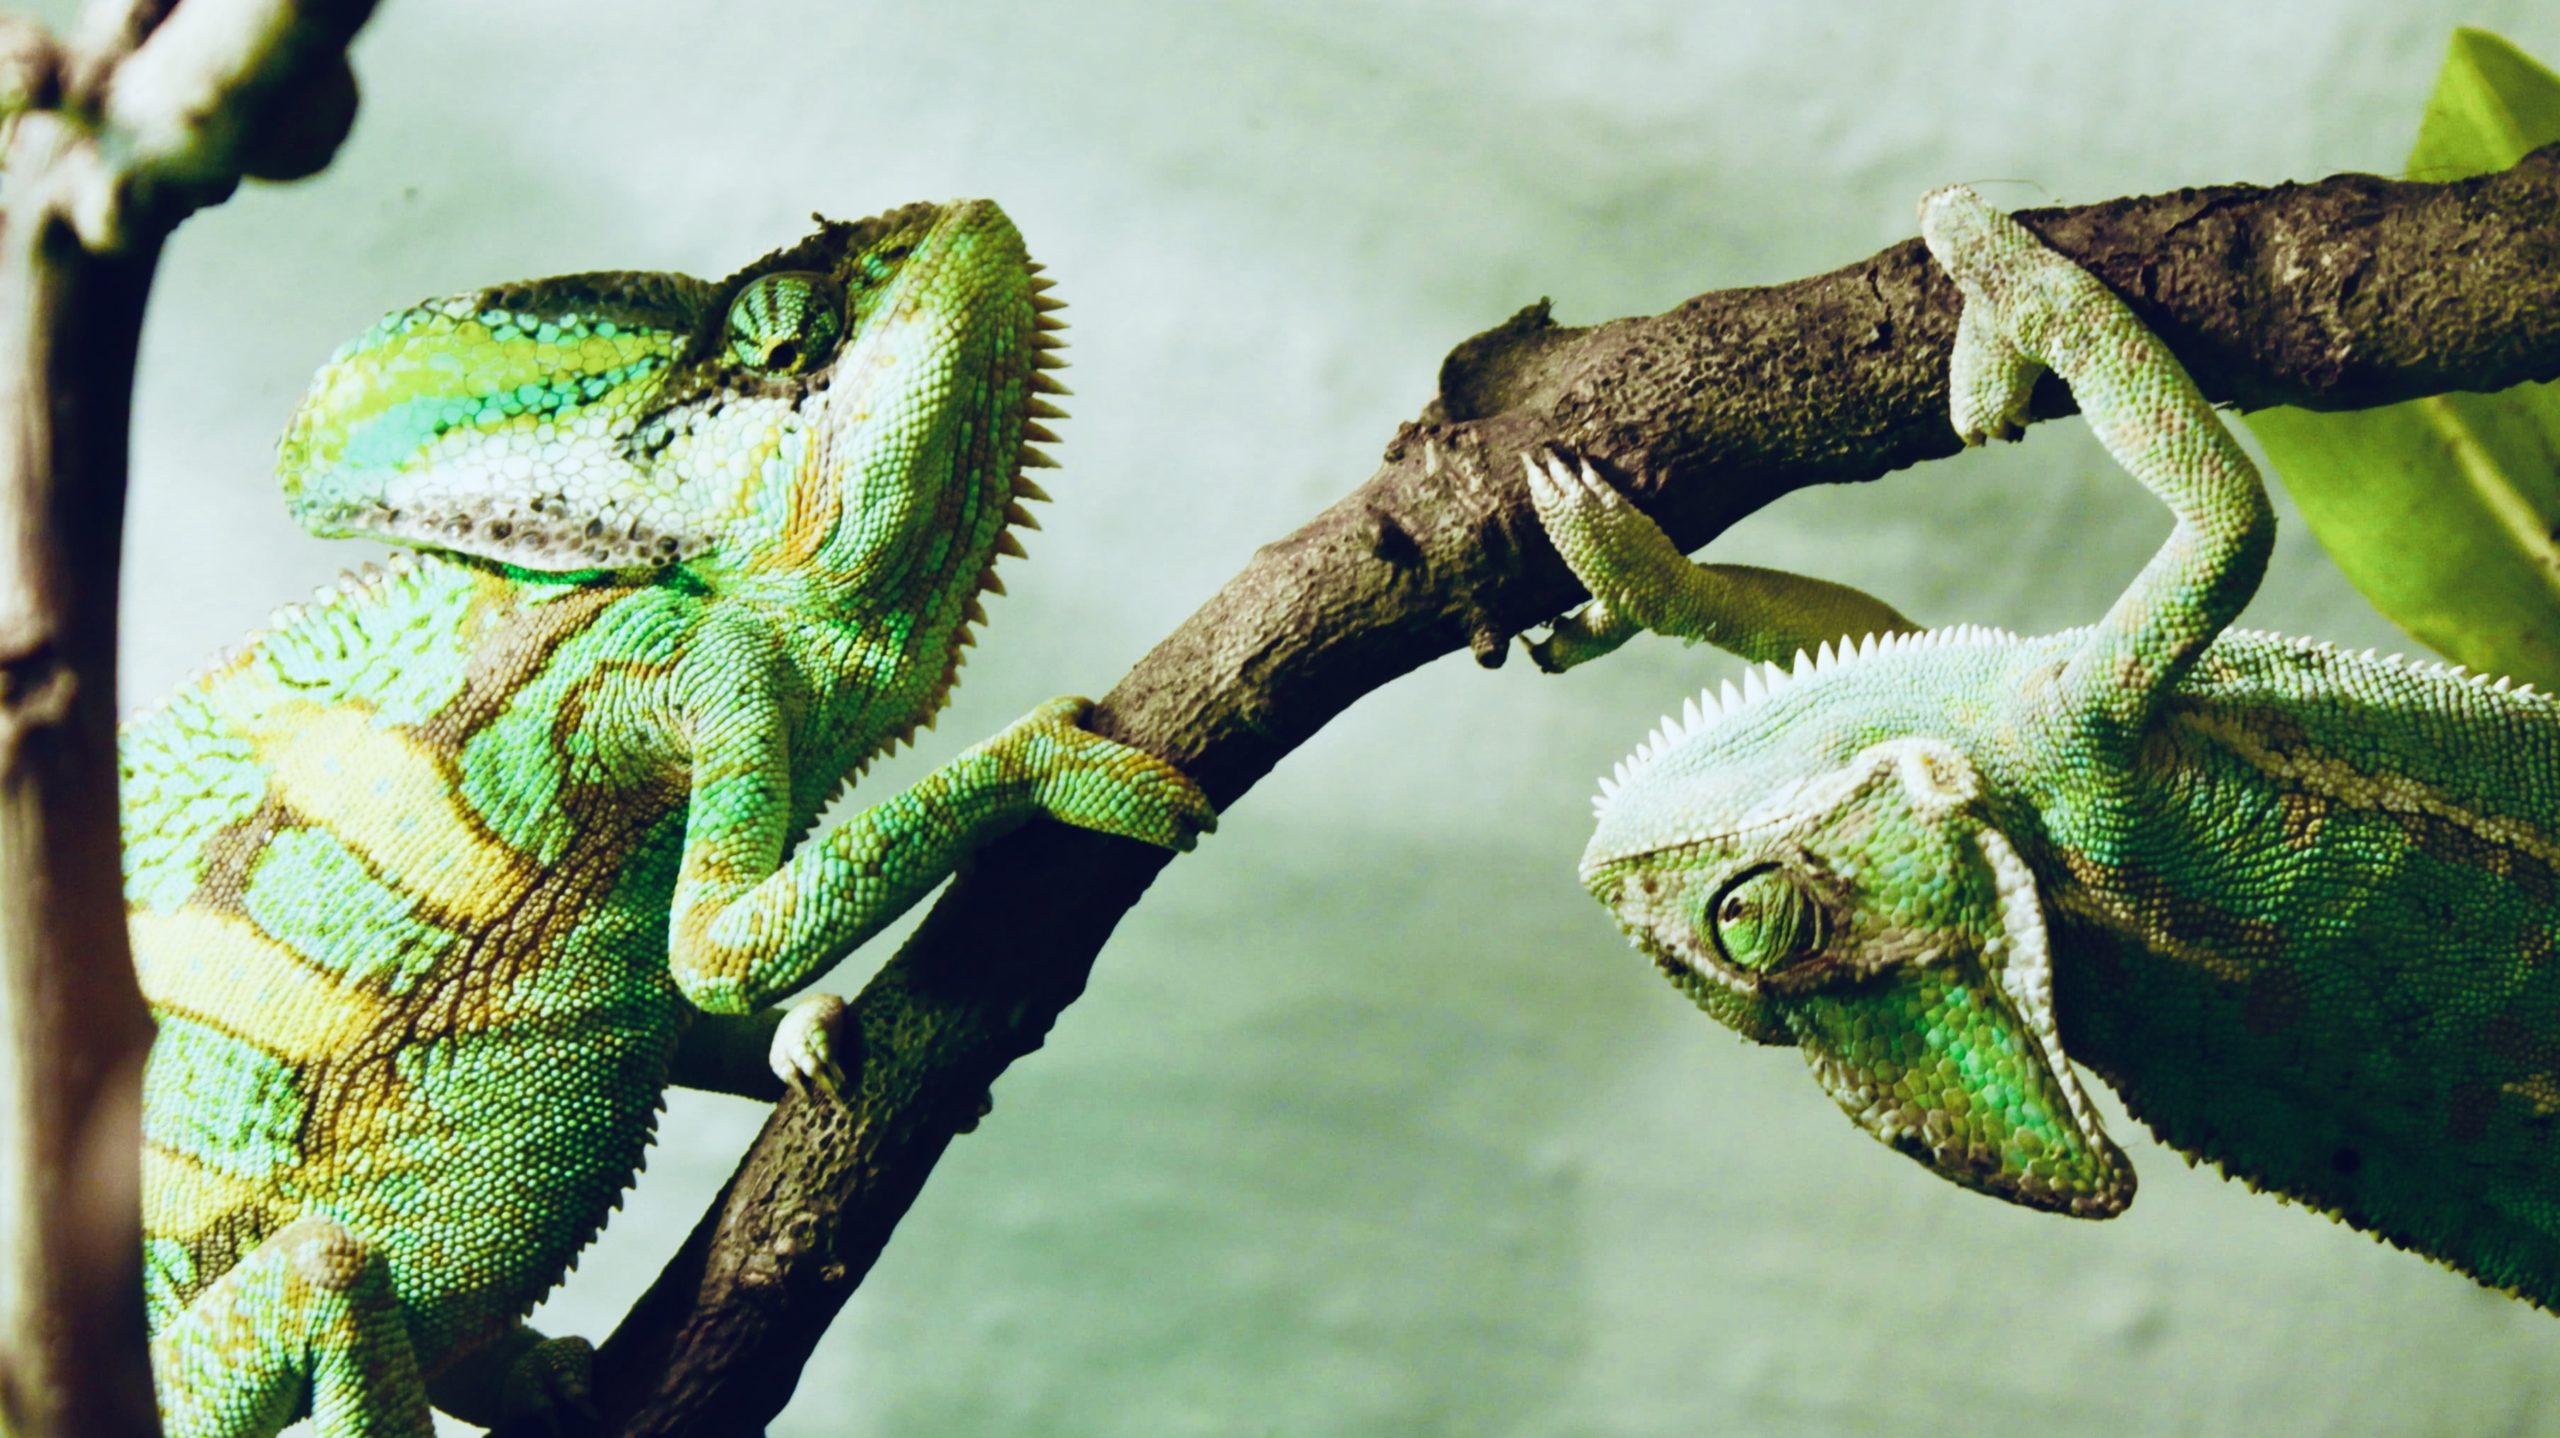 Two chameleons